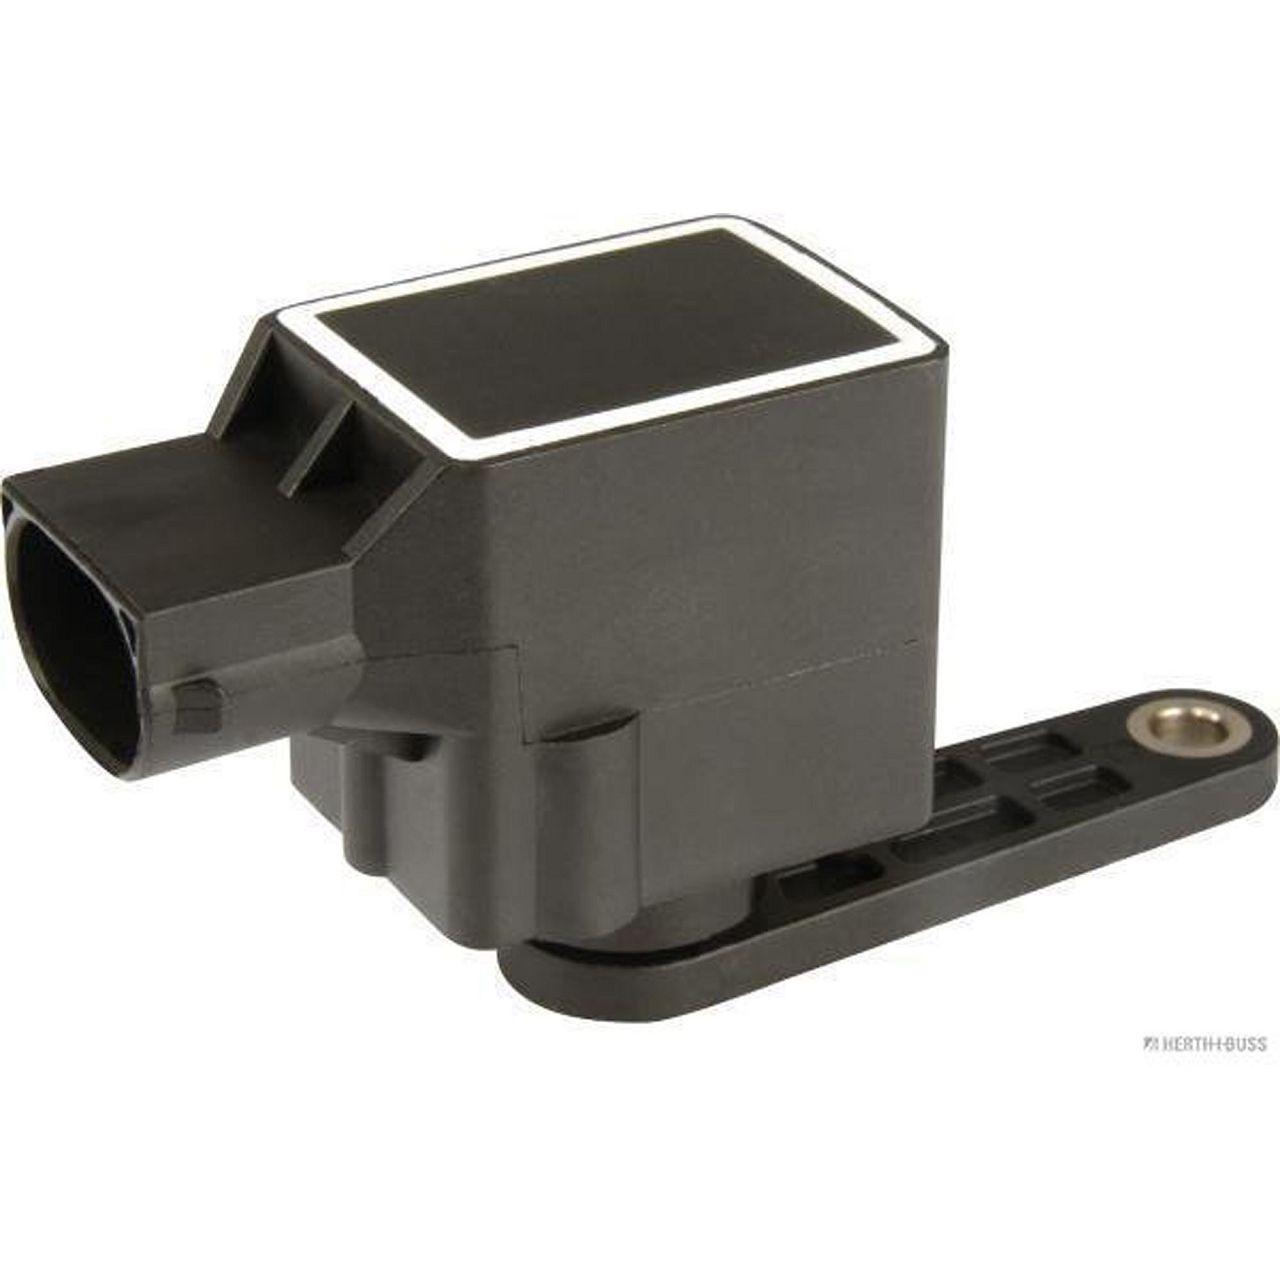 HERTH+BUSS ELPARTS Sensor Leuchtweitenregulierung Xenon für AUDI SEAT SKODA VW